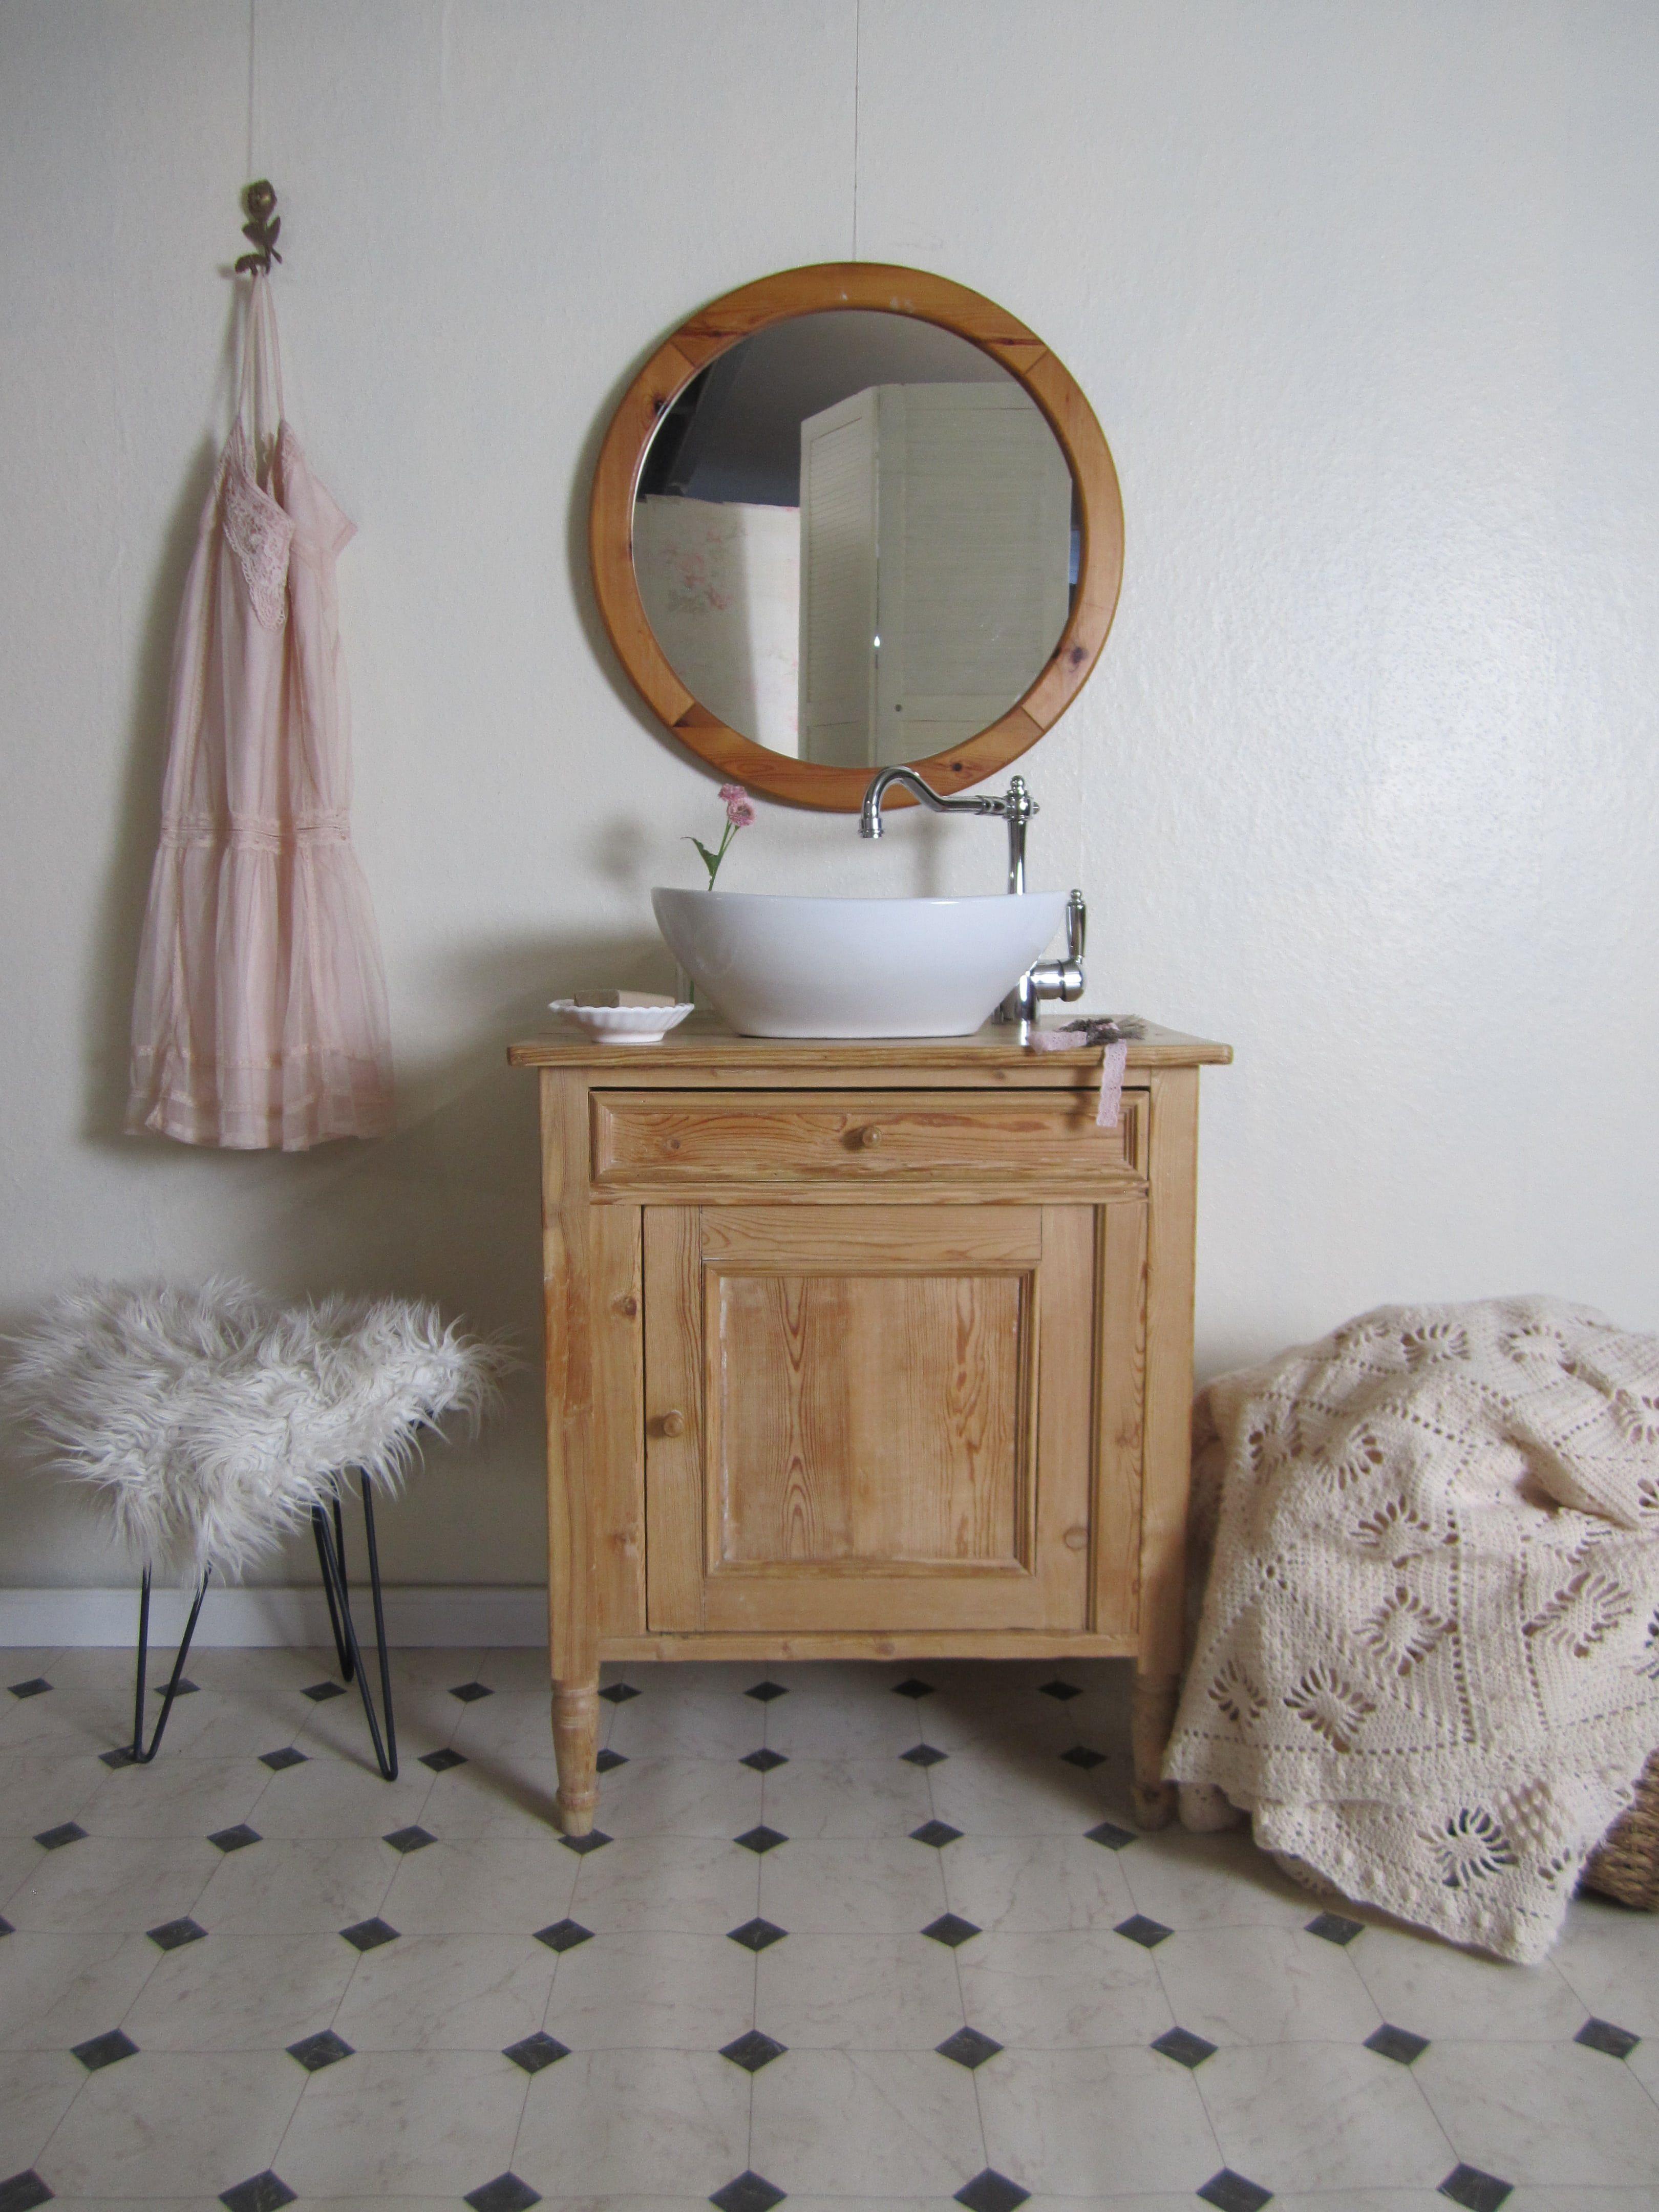 Waschtisch Antik Happy Moment Aus Naturholz Fur Das Romantische